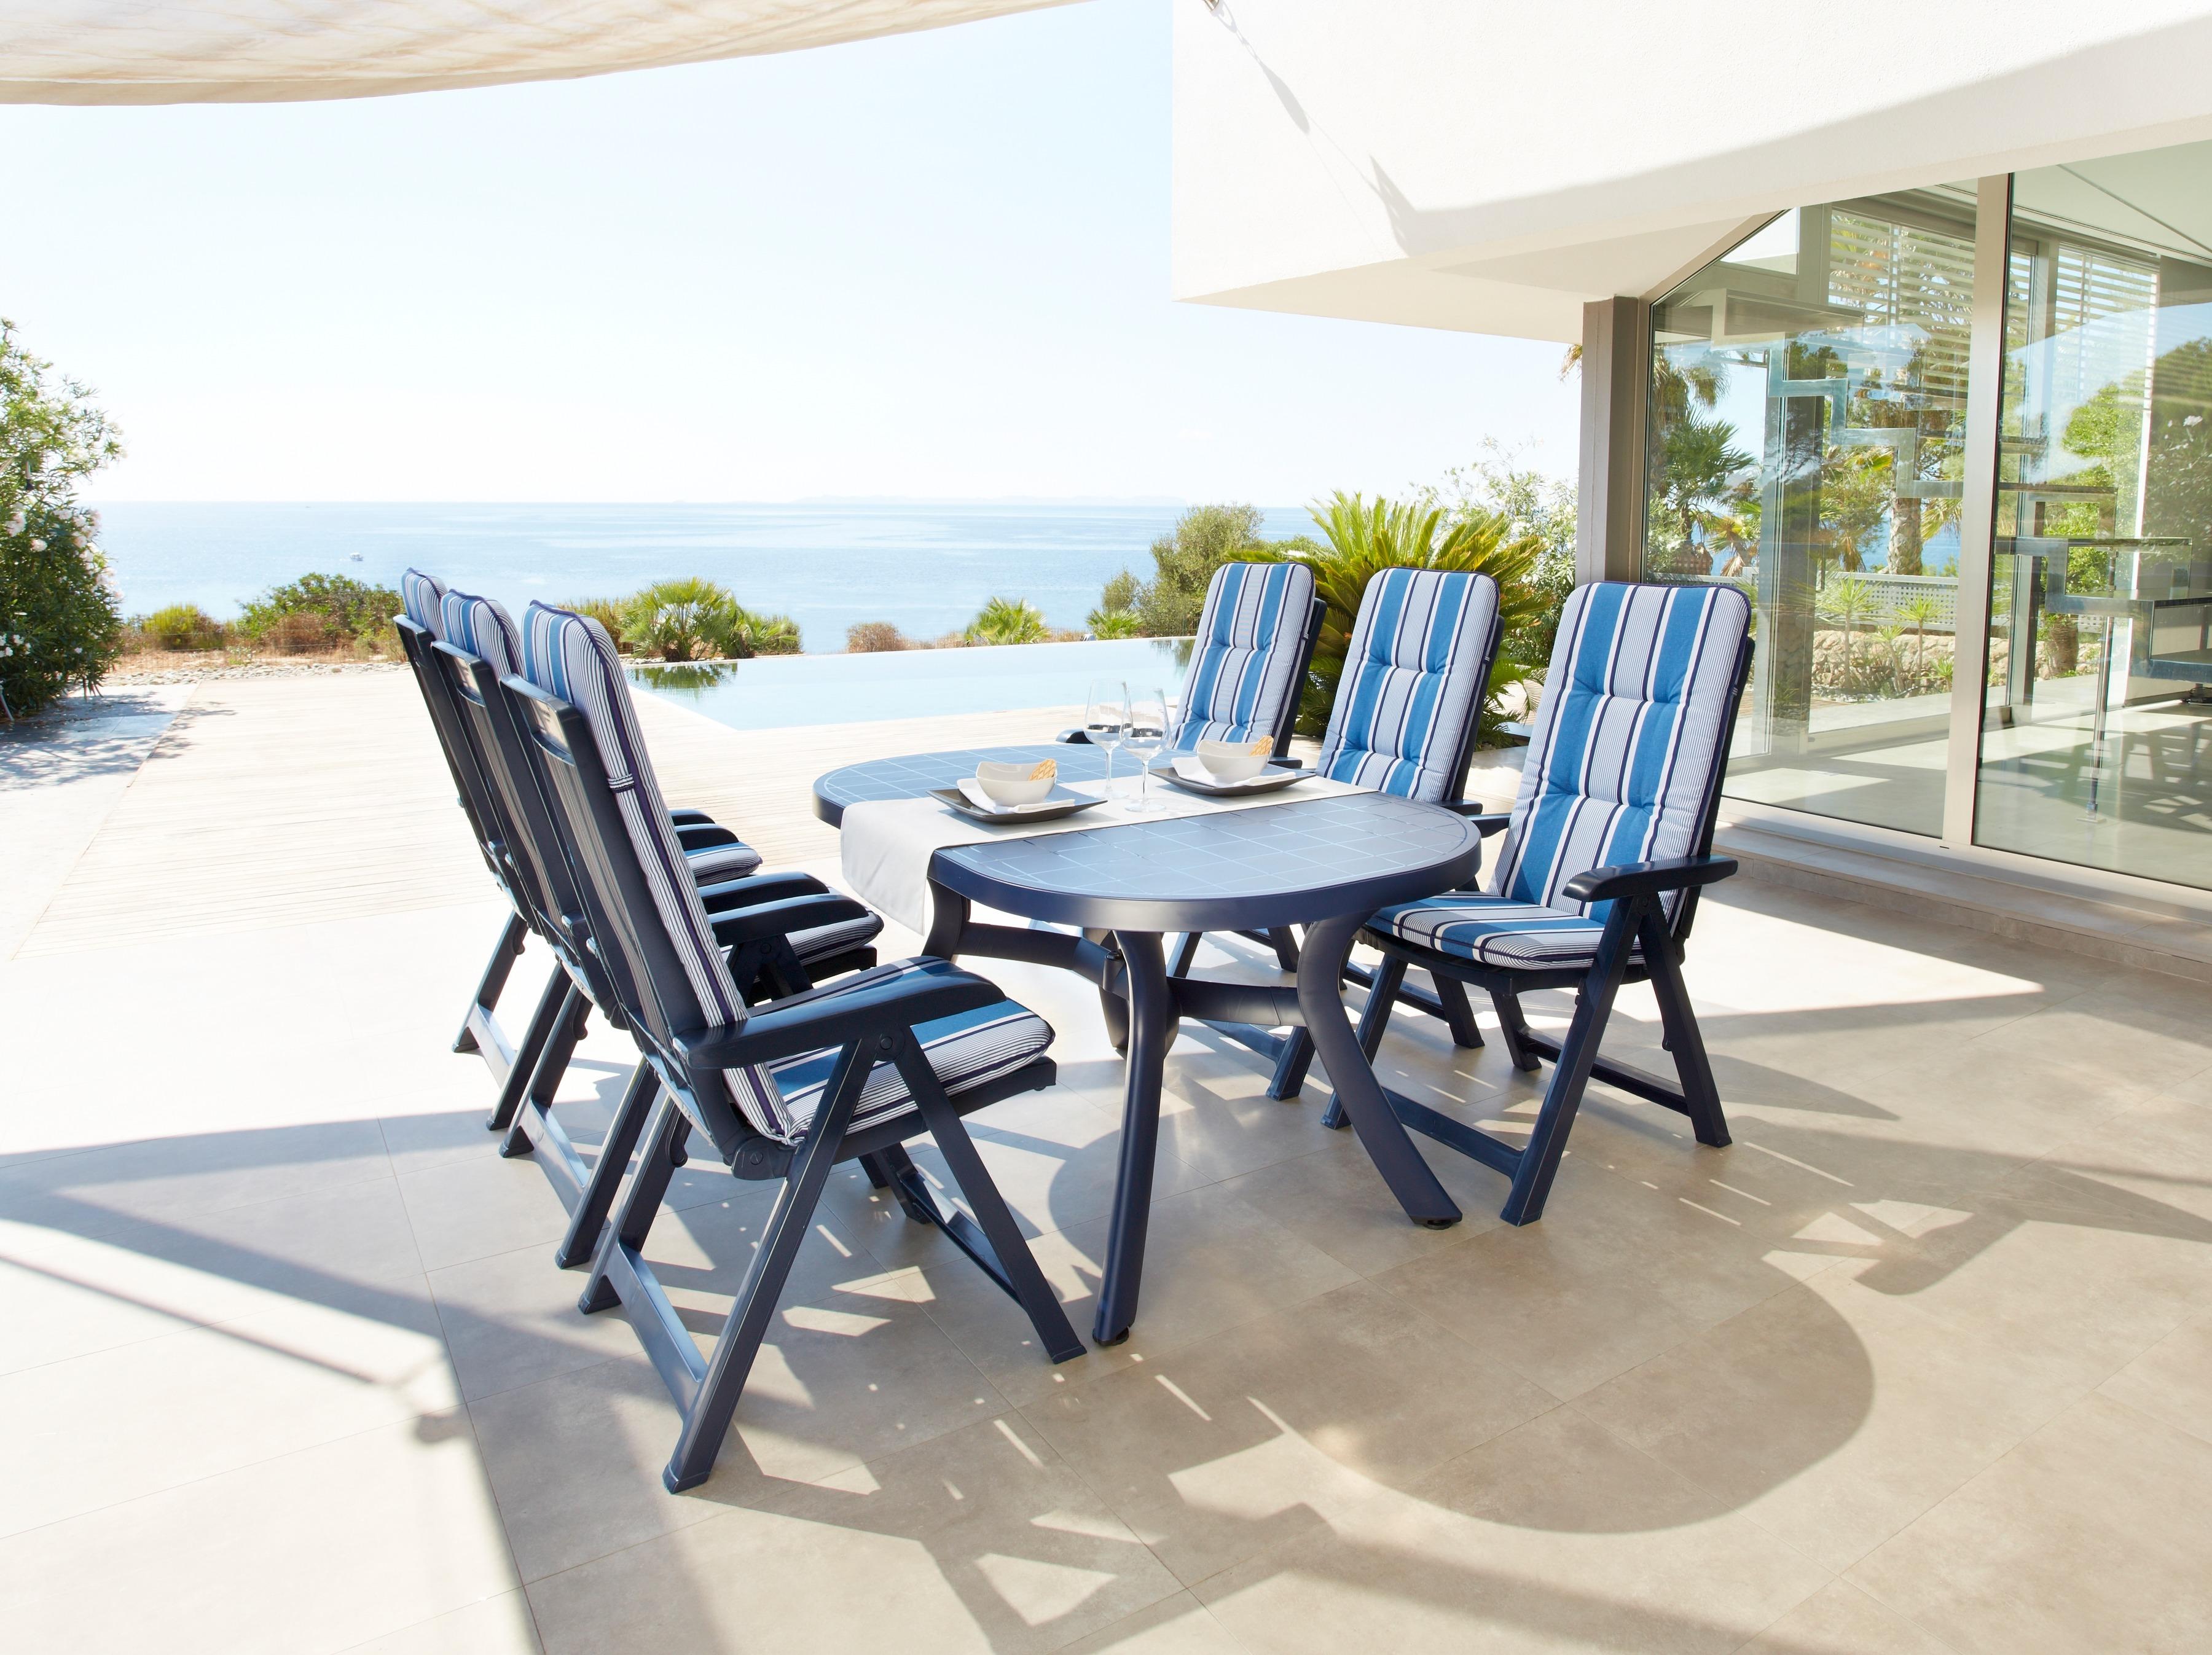 Best 7-tlg Gartenmöbelset Kansas 6 Klappsessel Tisch 145x95 cm Kunststoff blau verstellbar